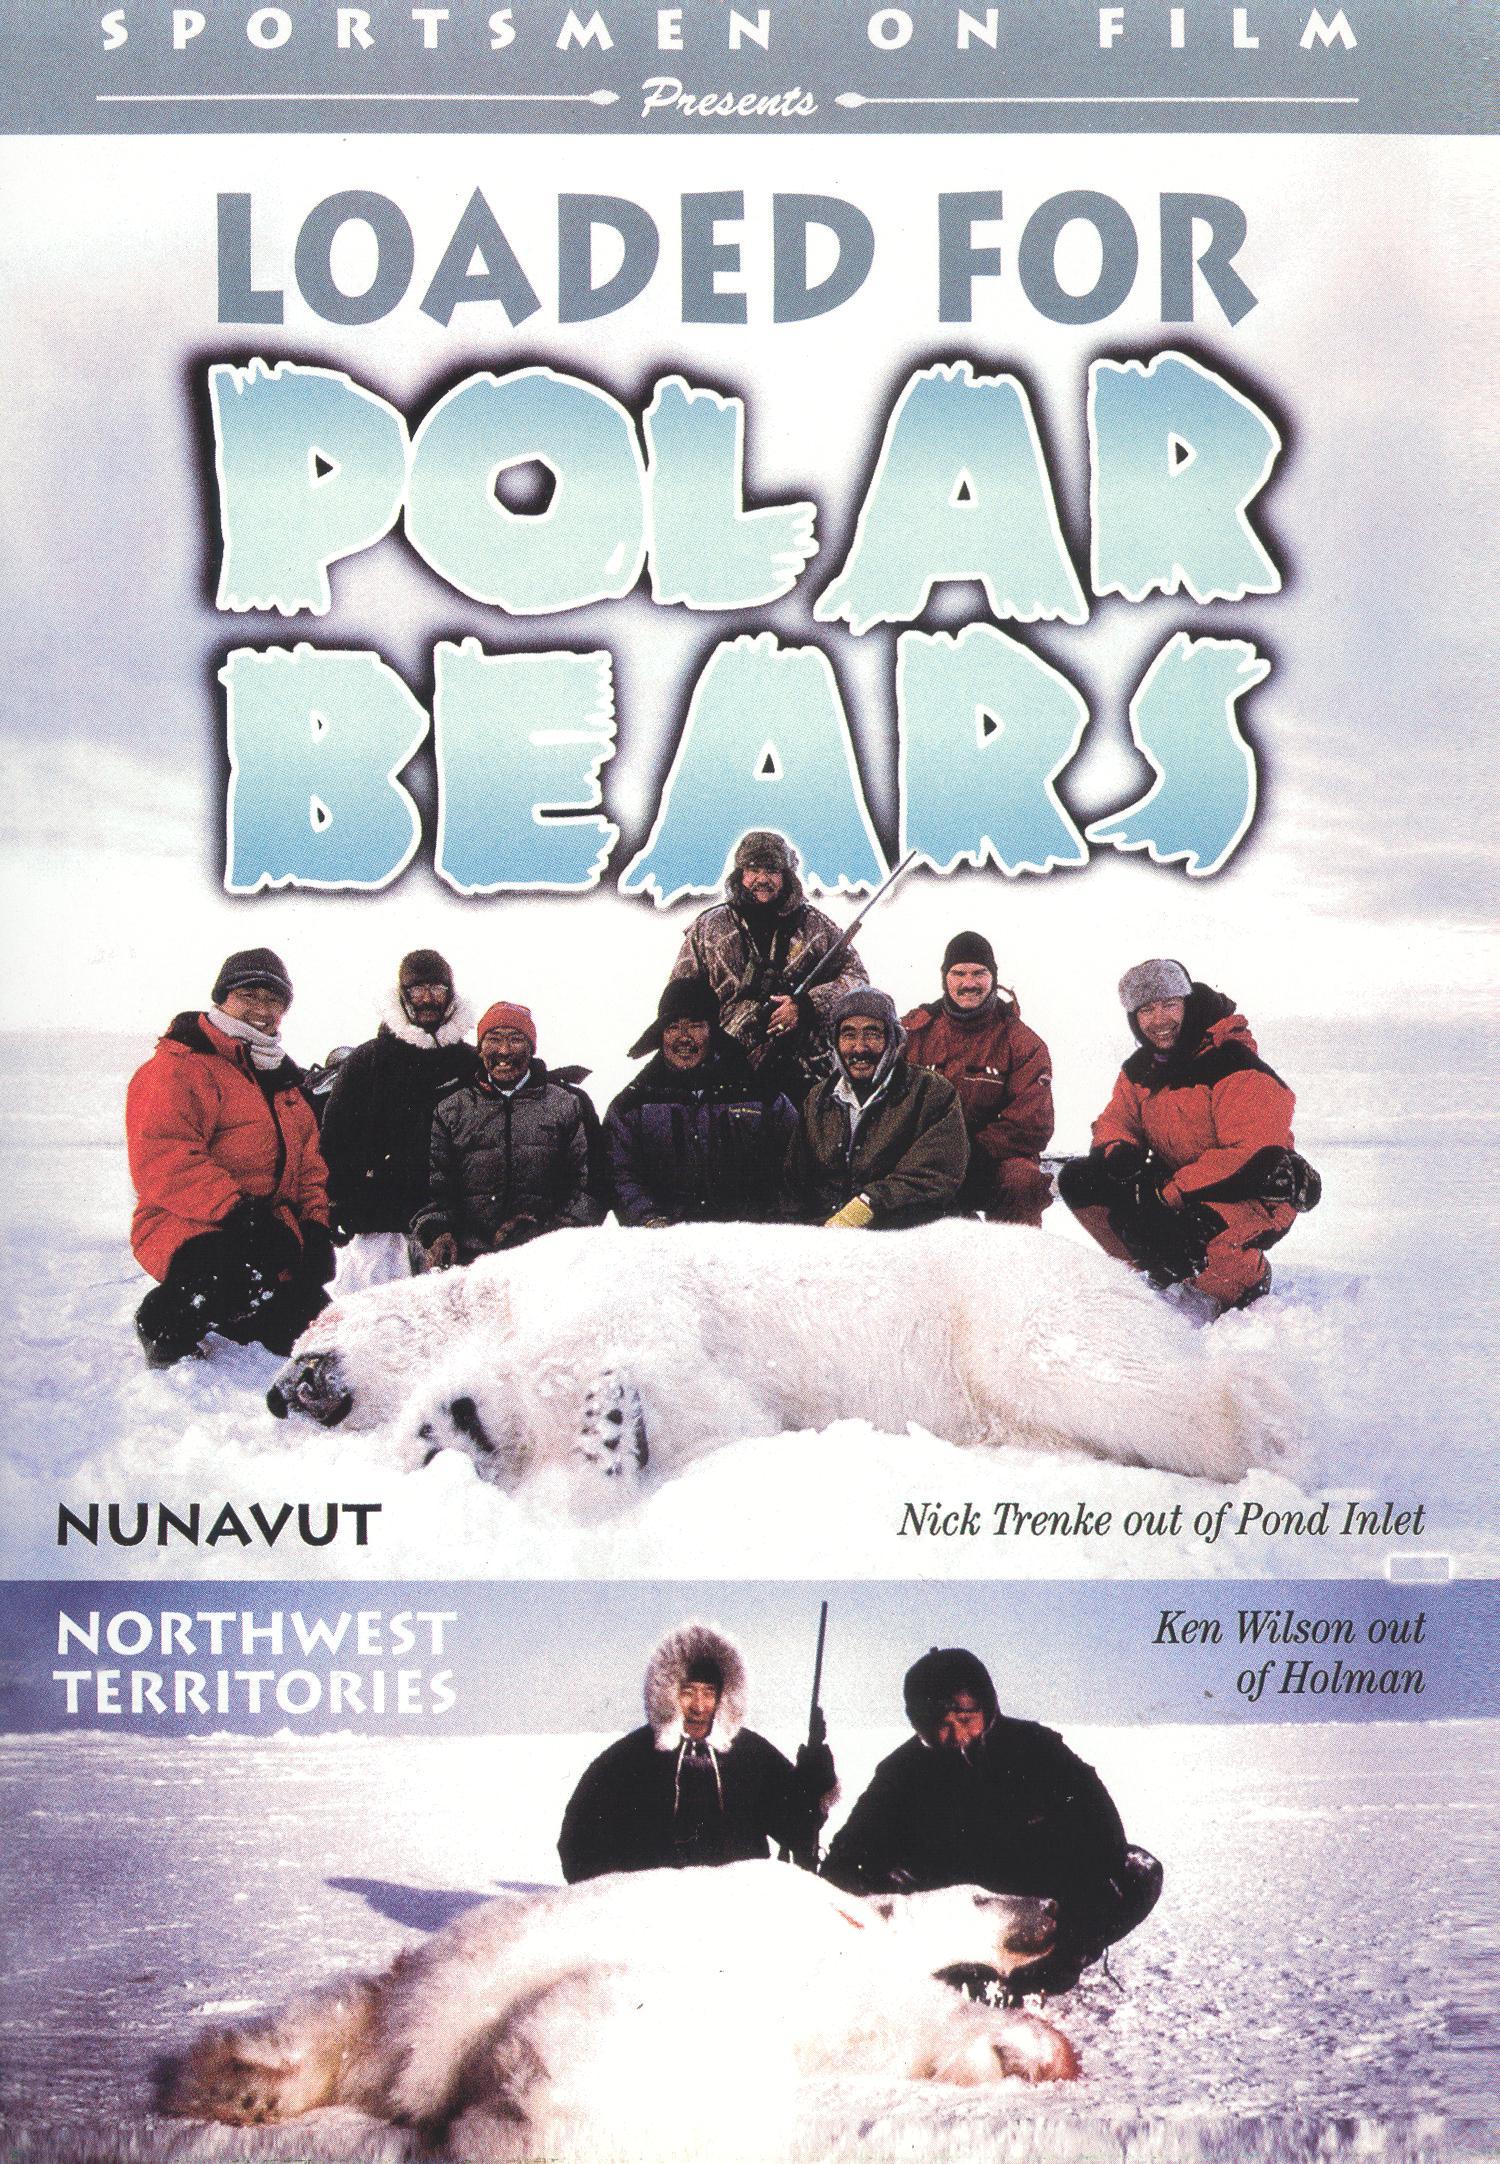 Loaded For Polar Bears